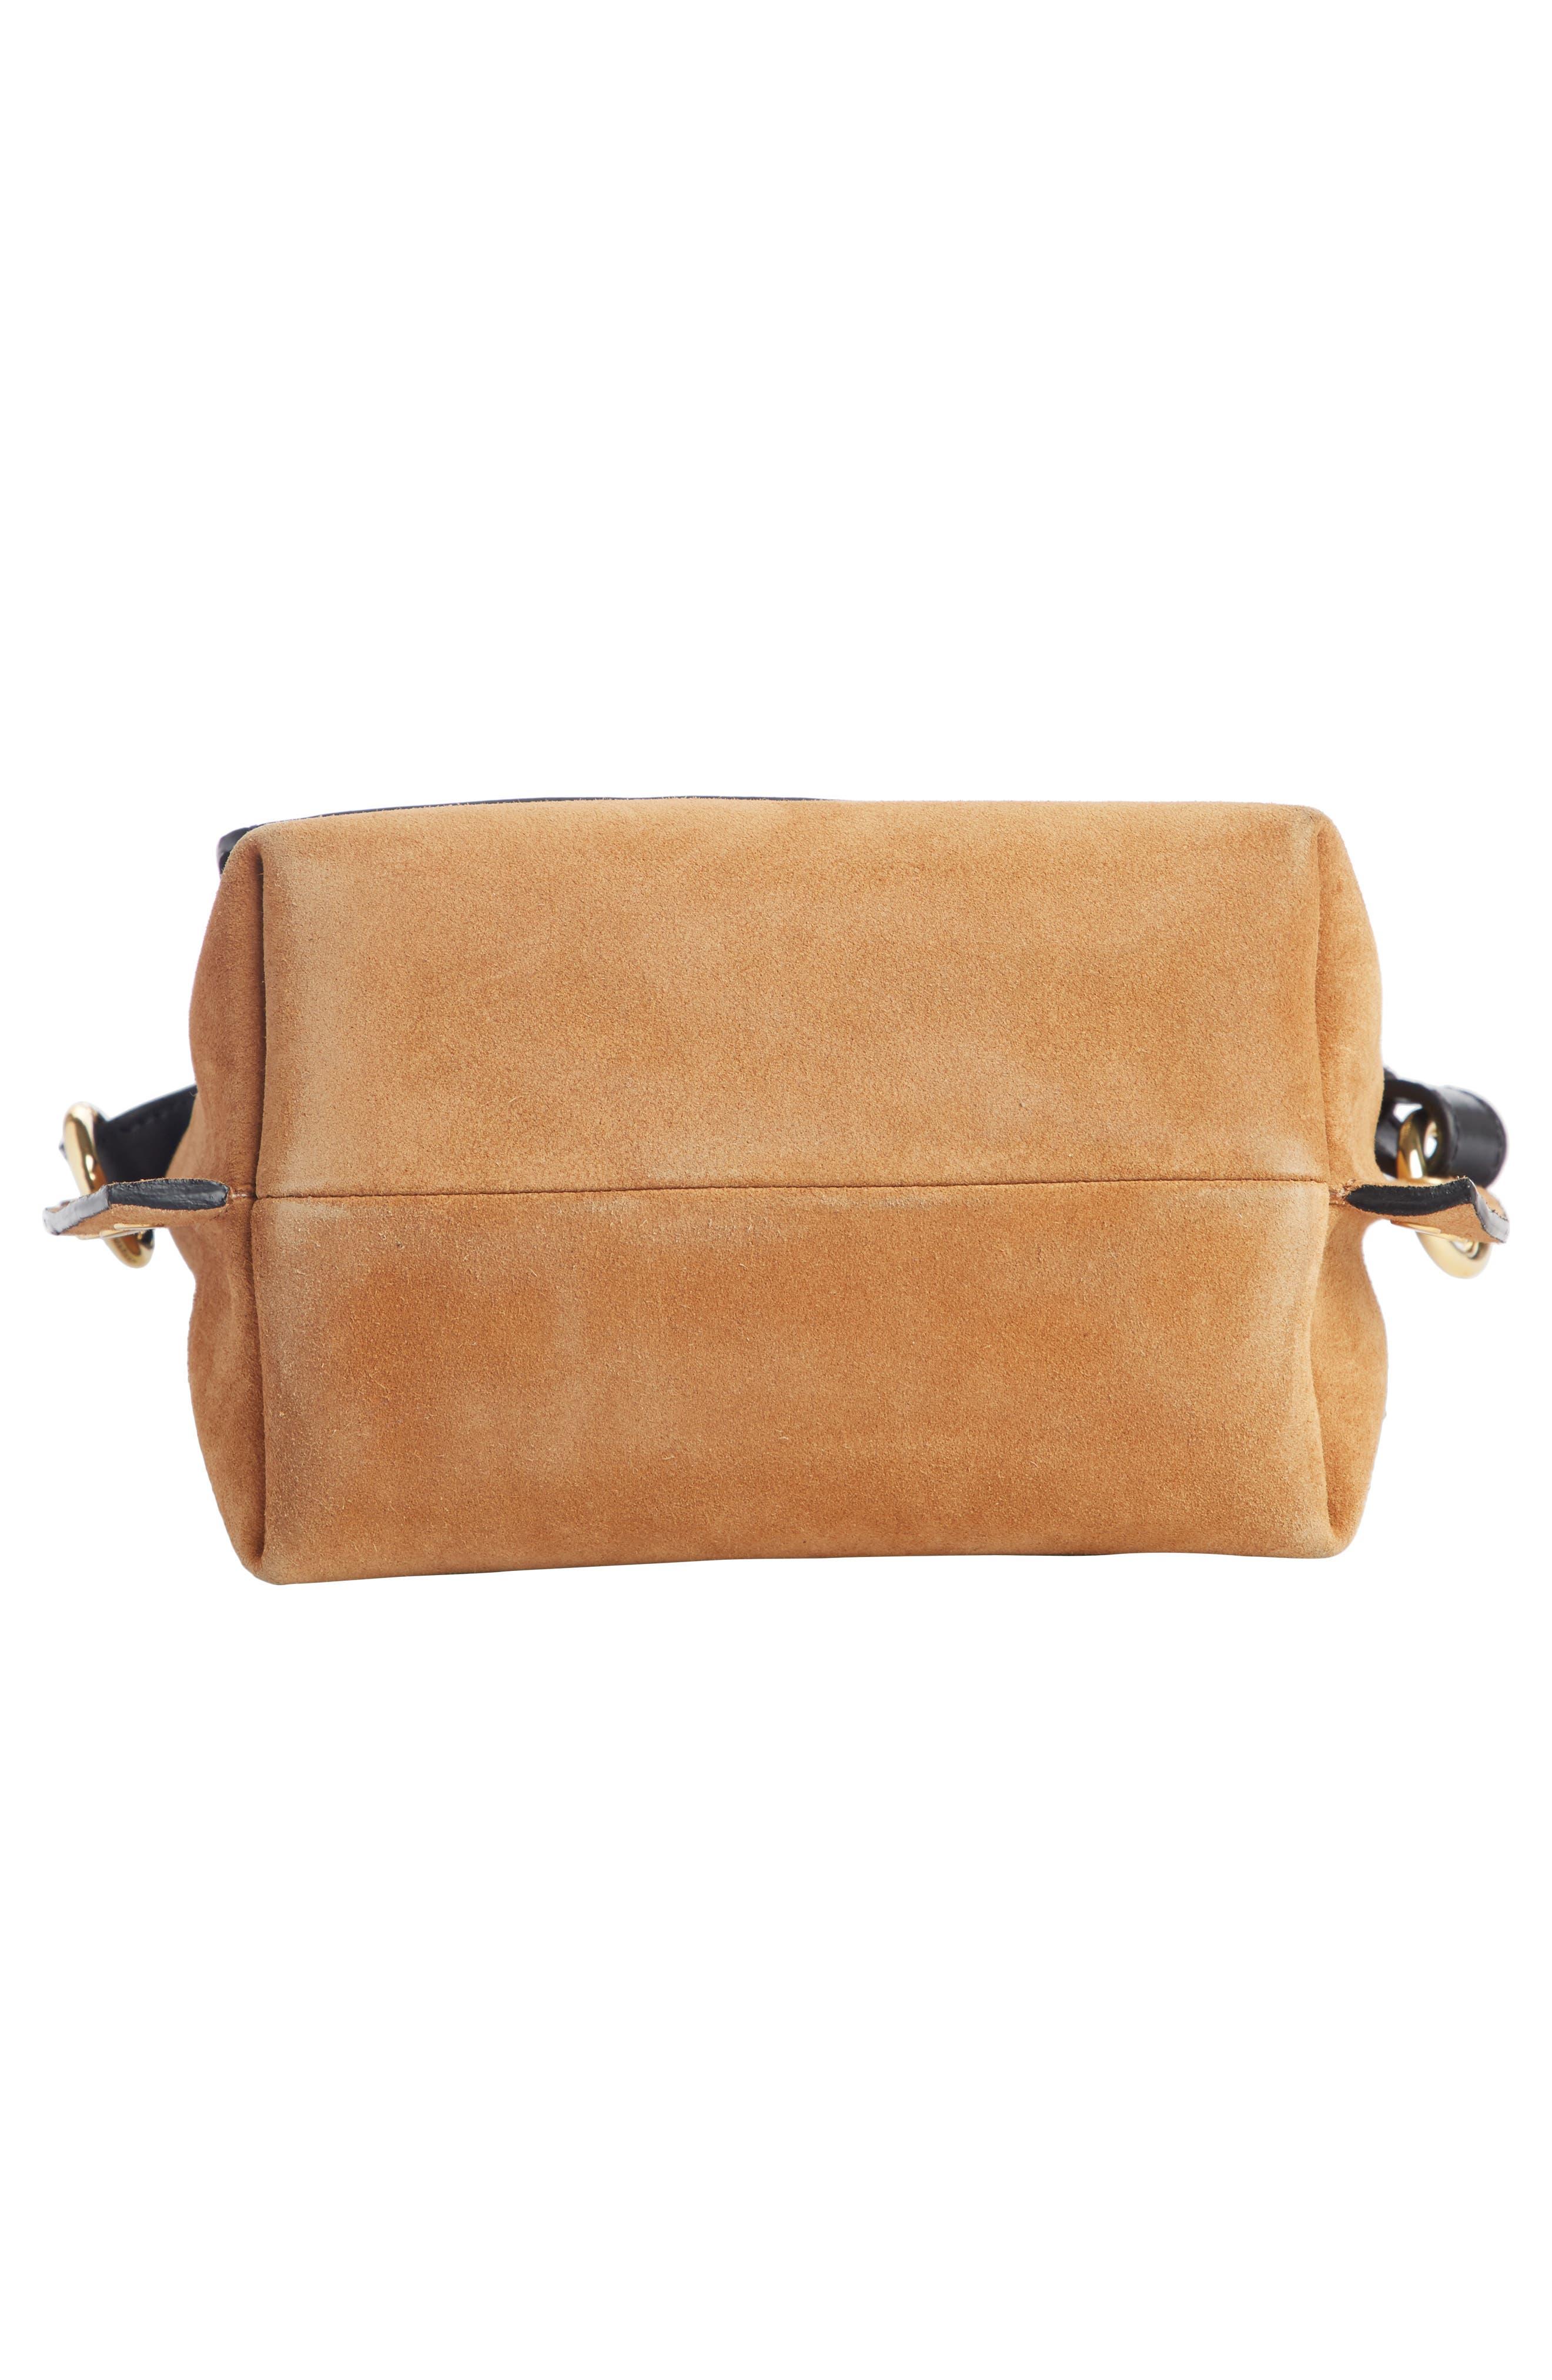 Kleny Colorblock Leather & Suede Shoulder Bag,                             Alternate thumbnail 4, color,                             CAMEL